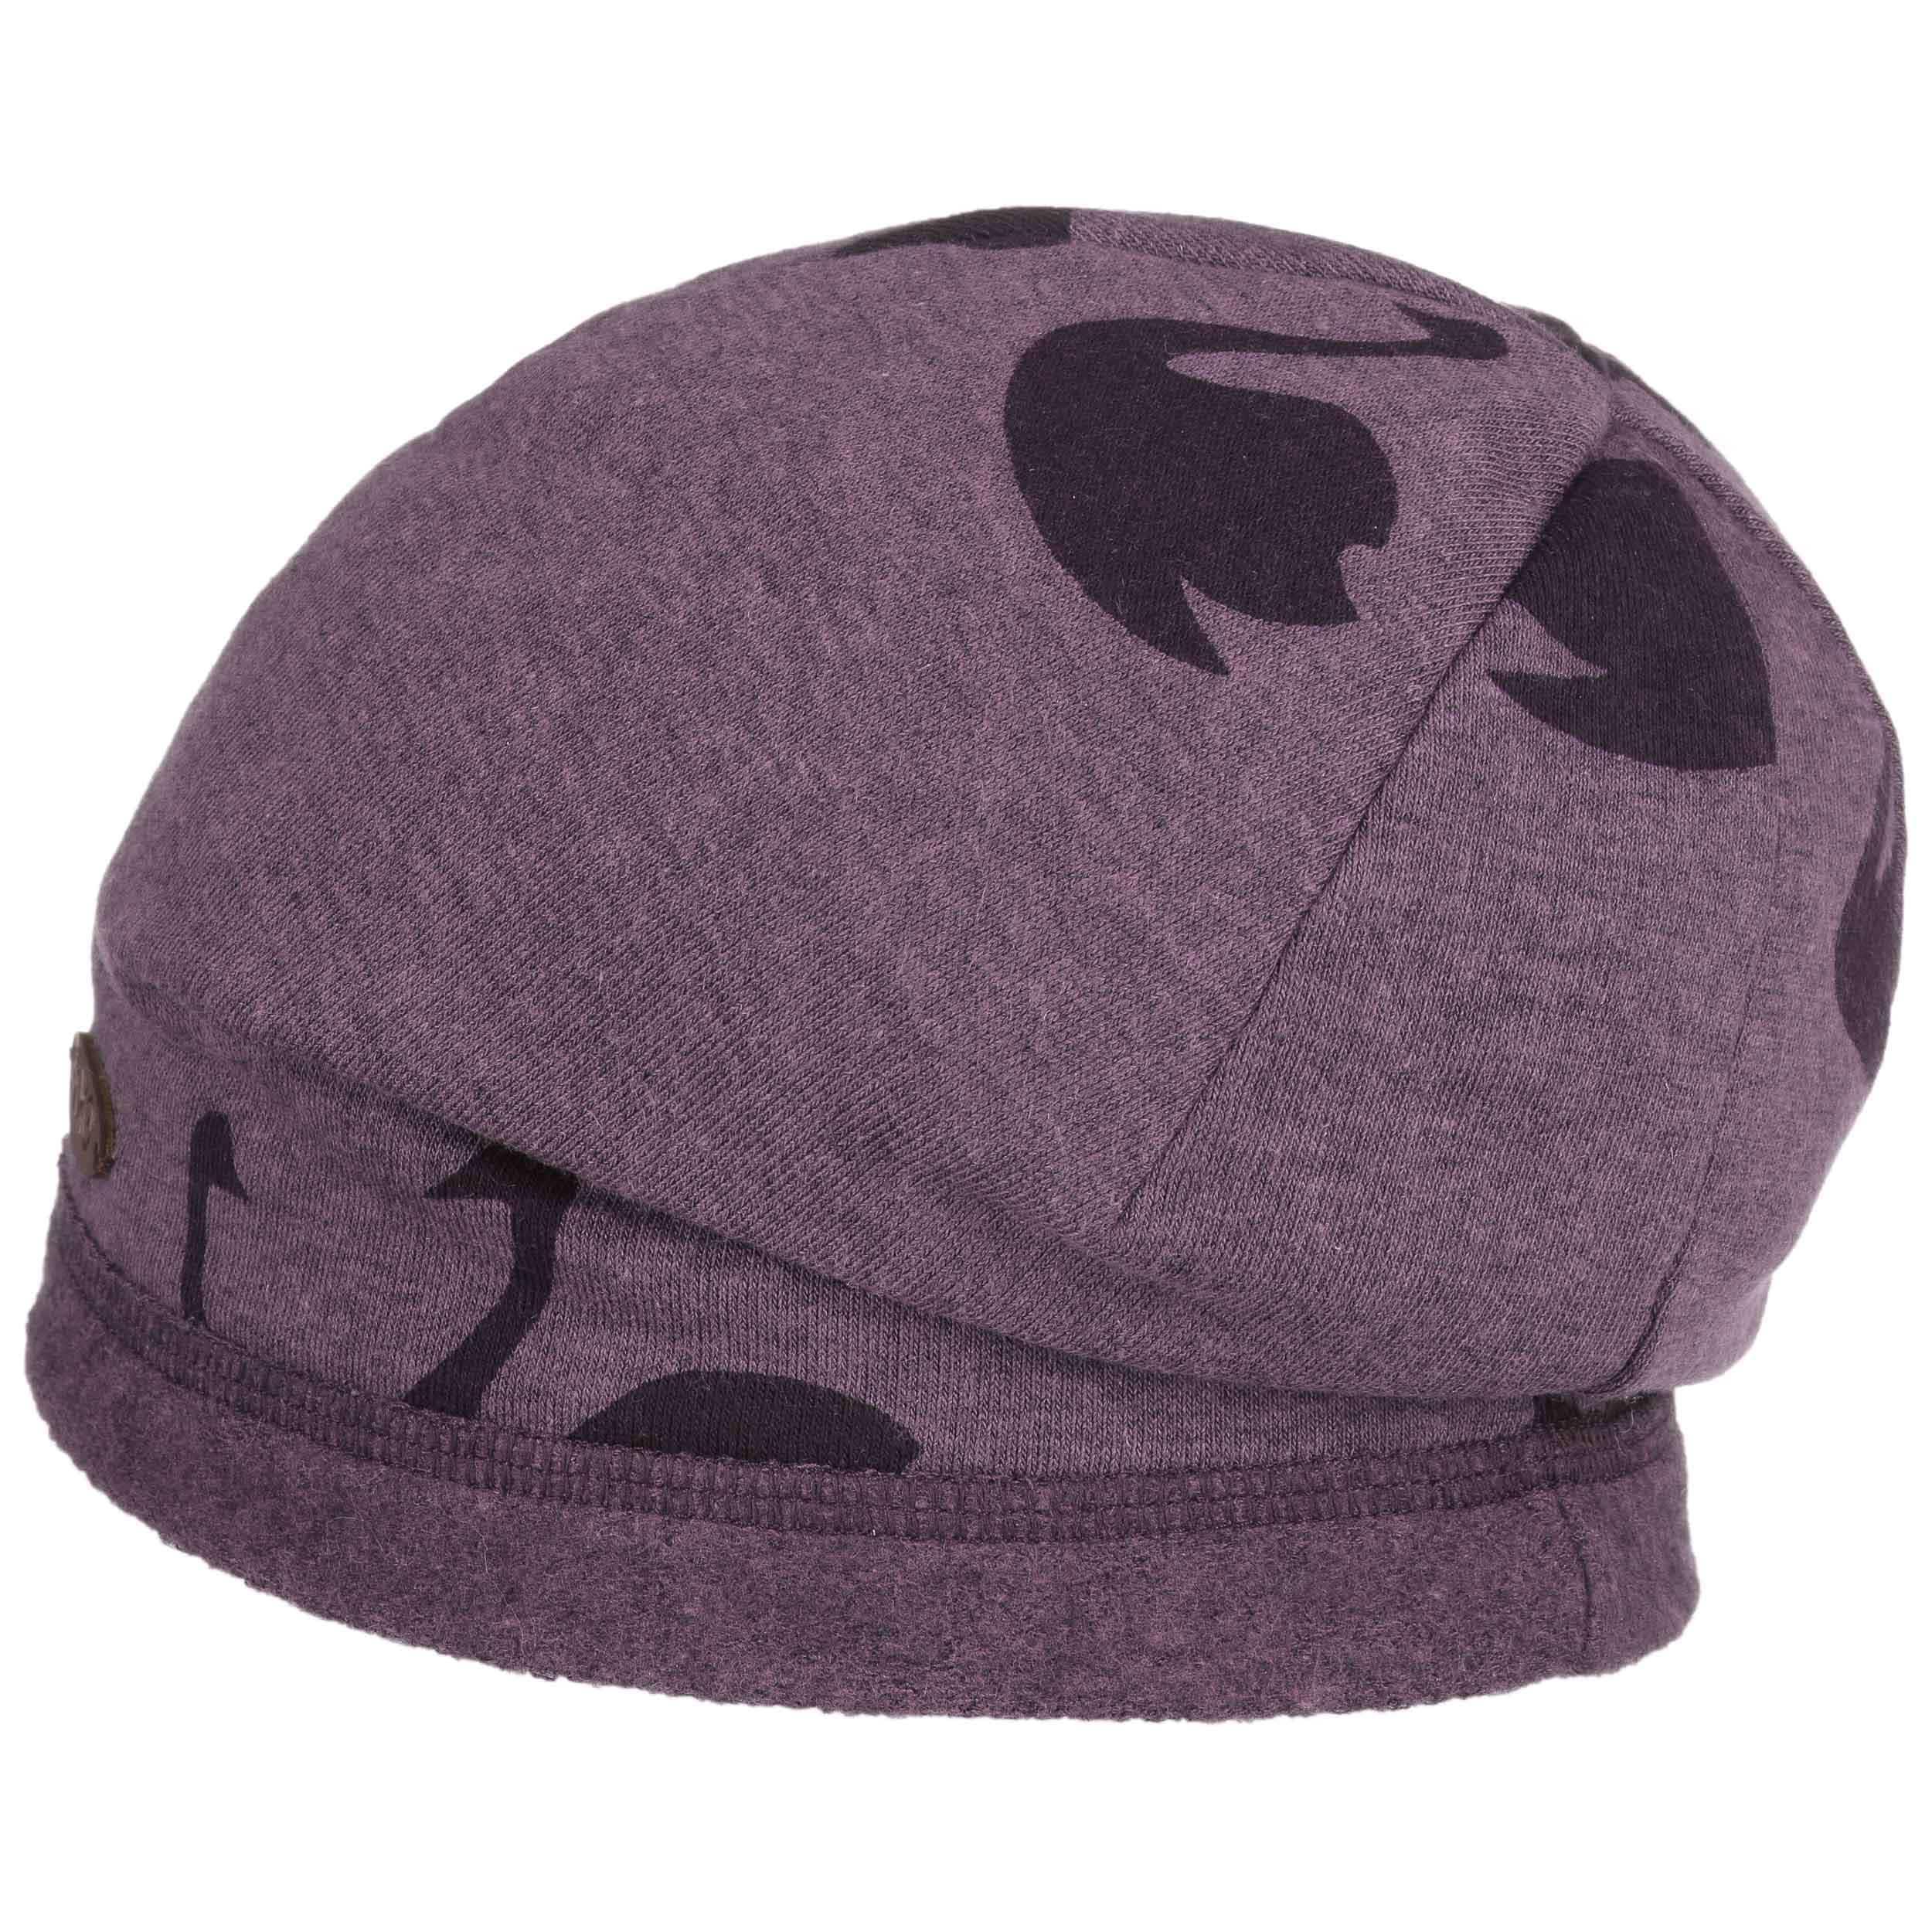 3c8328d170b8 Bonnet pour Enfant Jersey Swan by maximo, EUR 19,95 --  Chapeaux ...